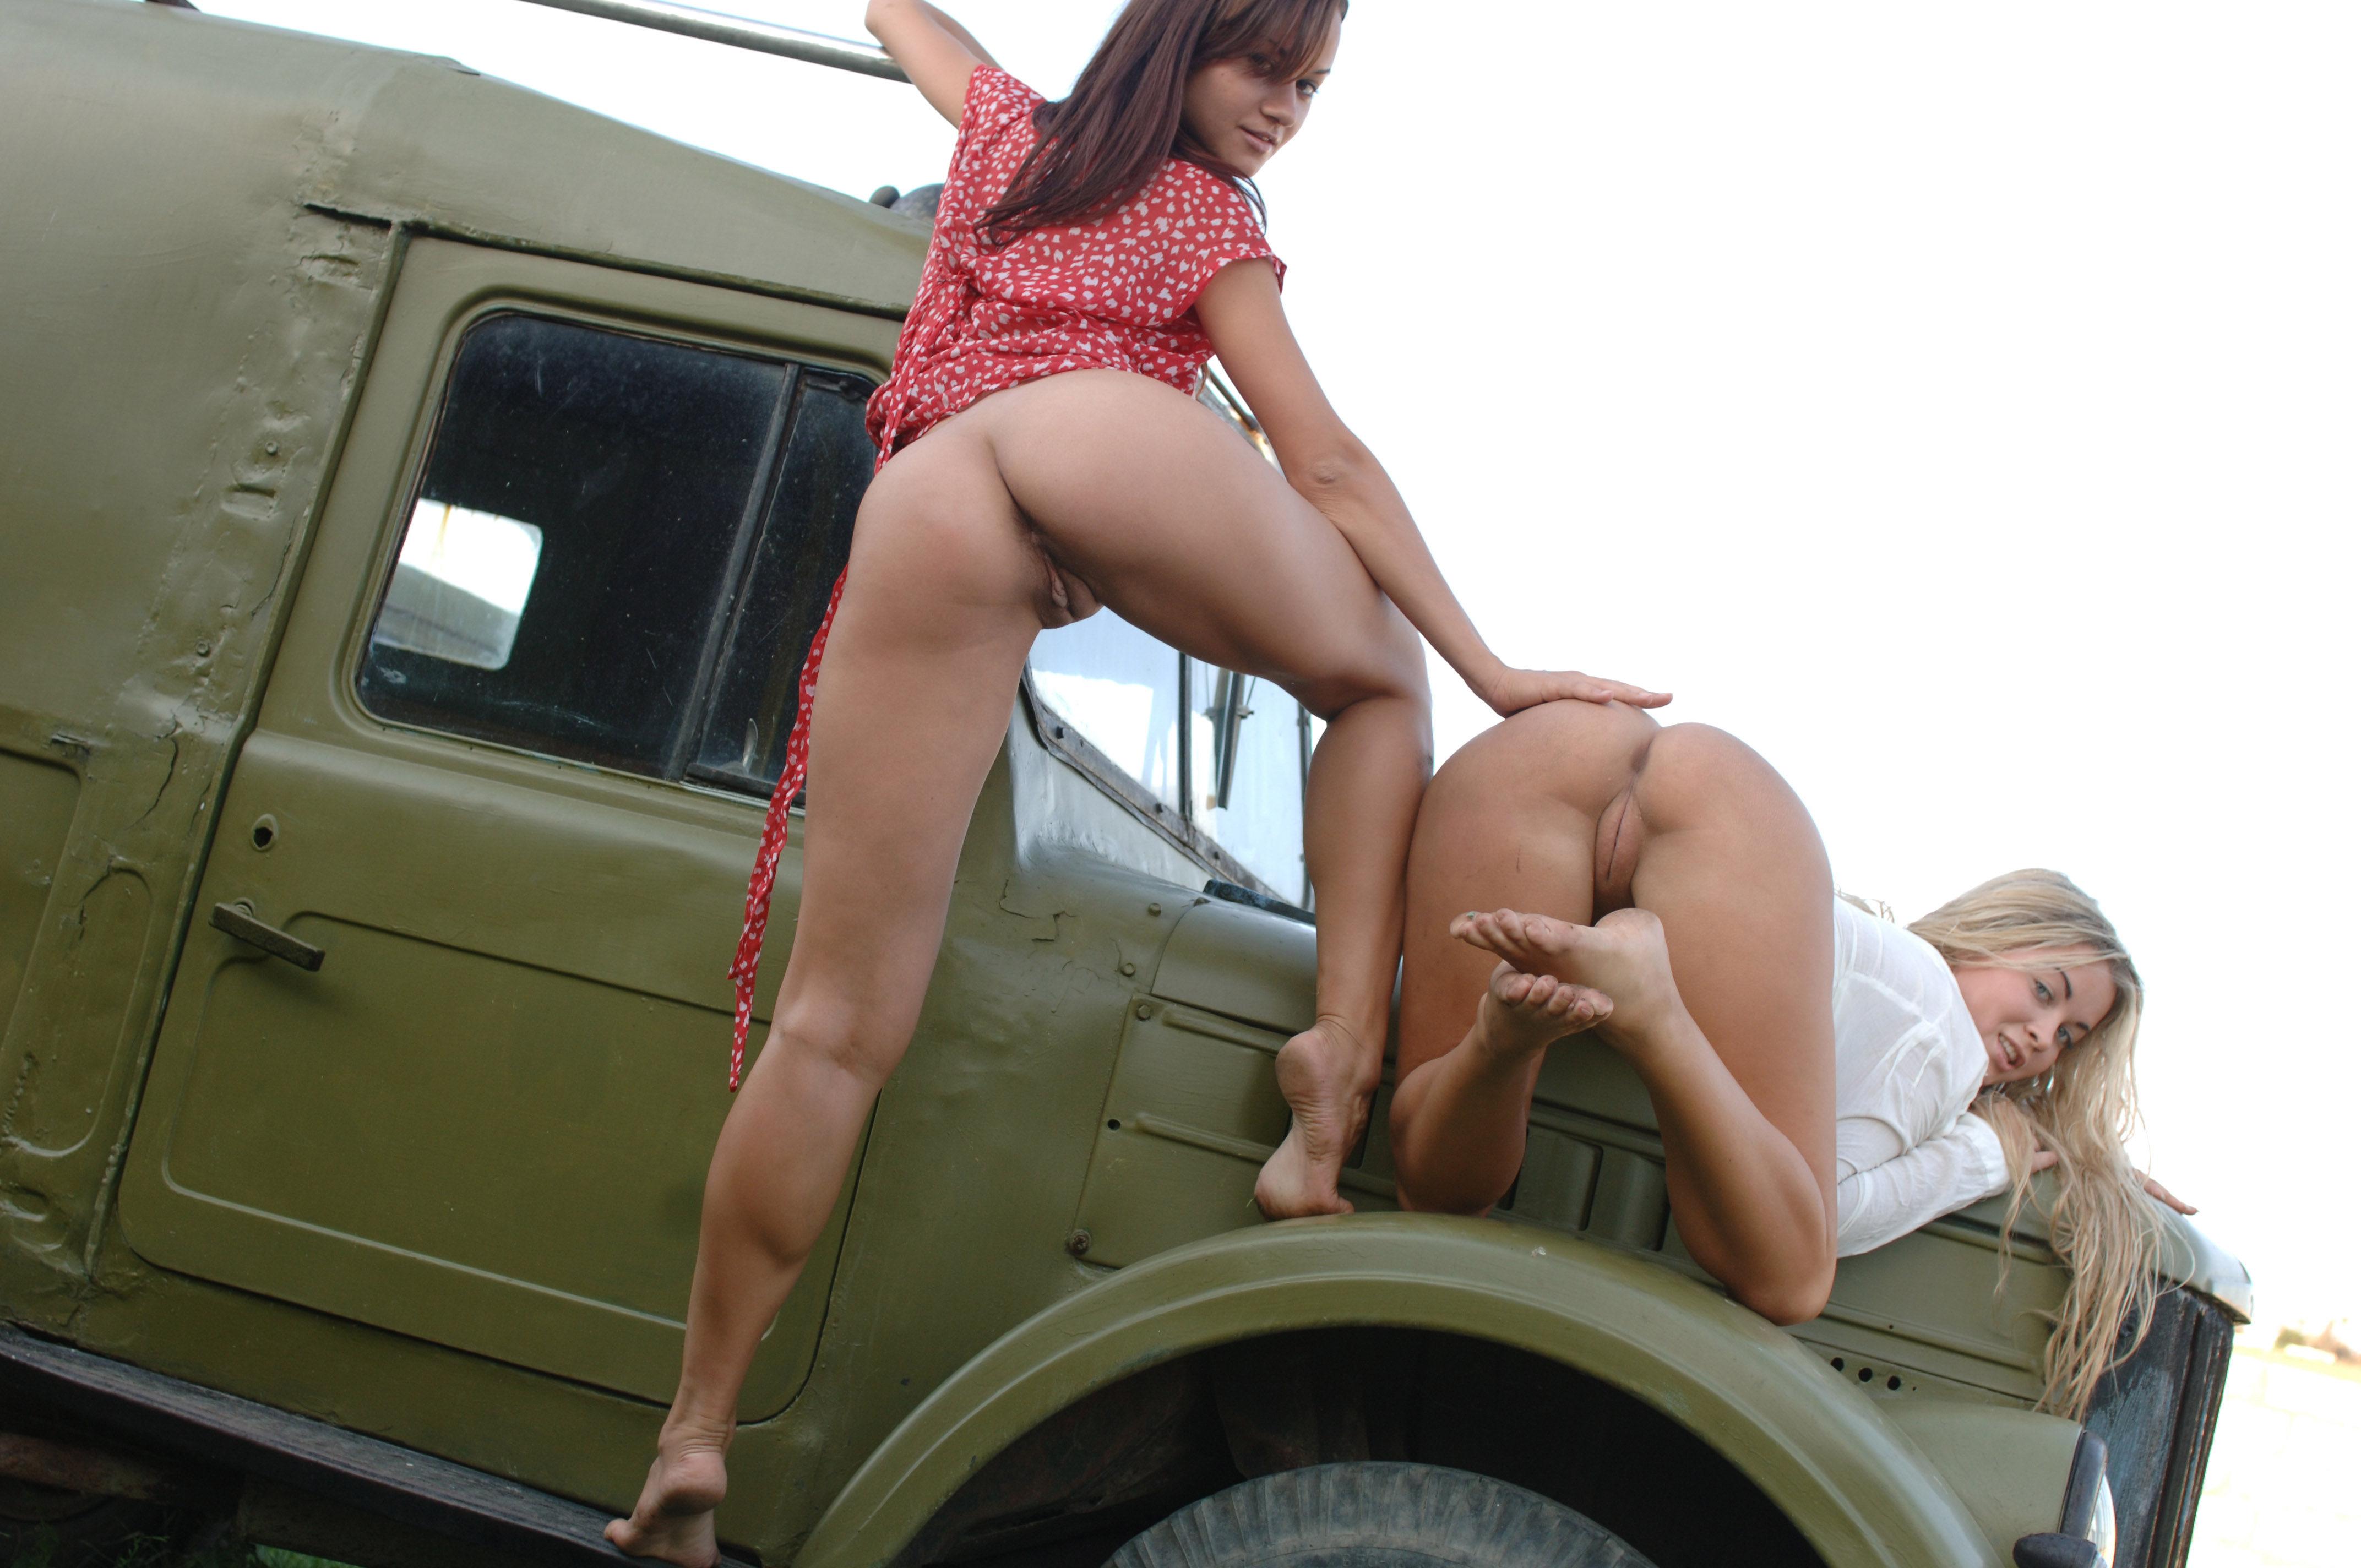 фото порно девушки и машины